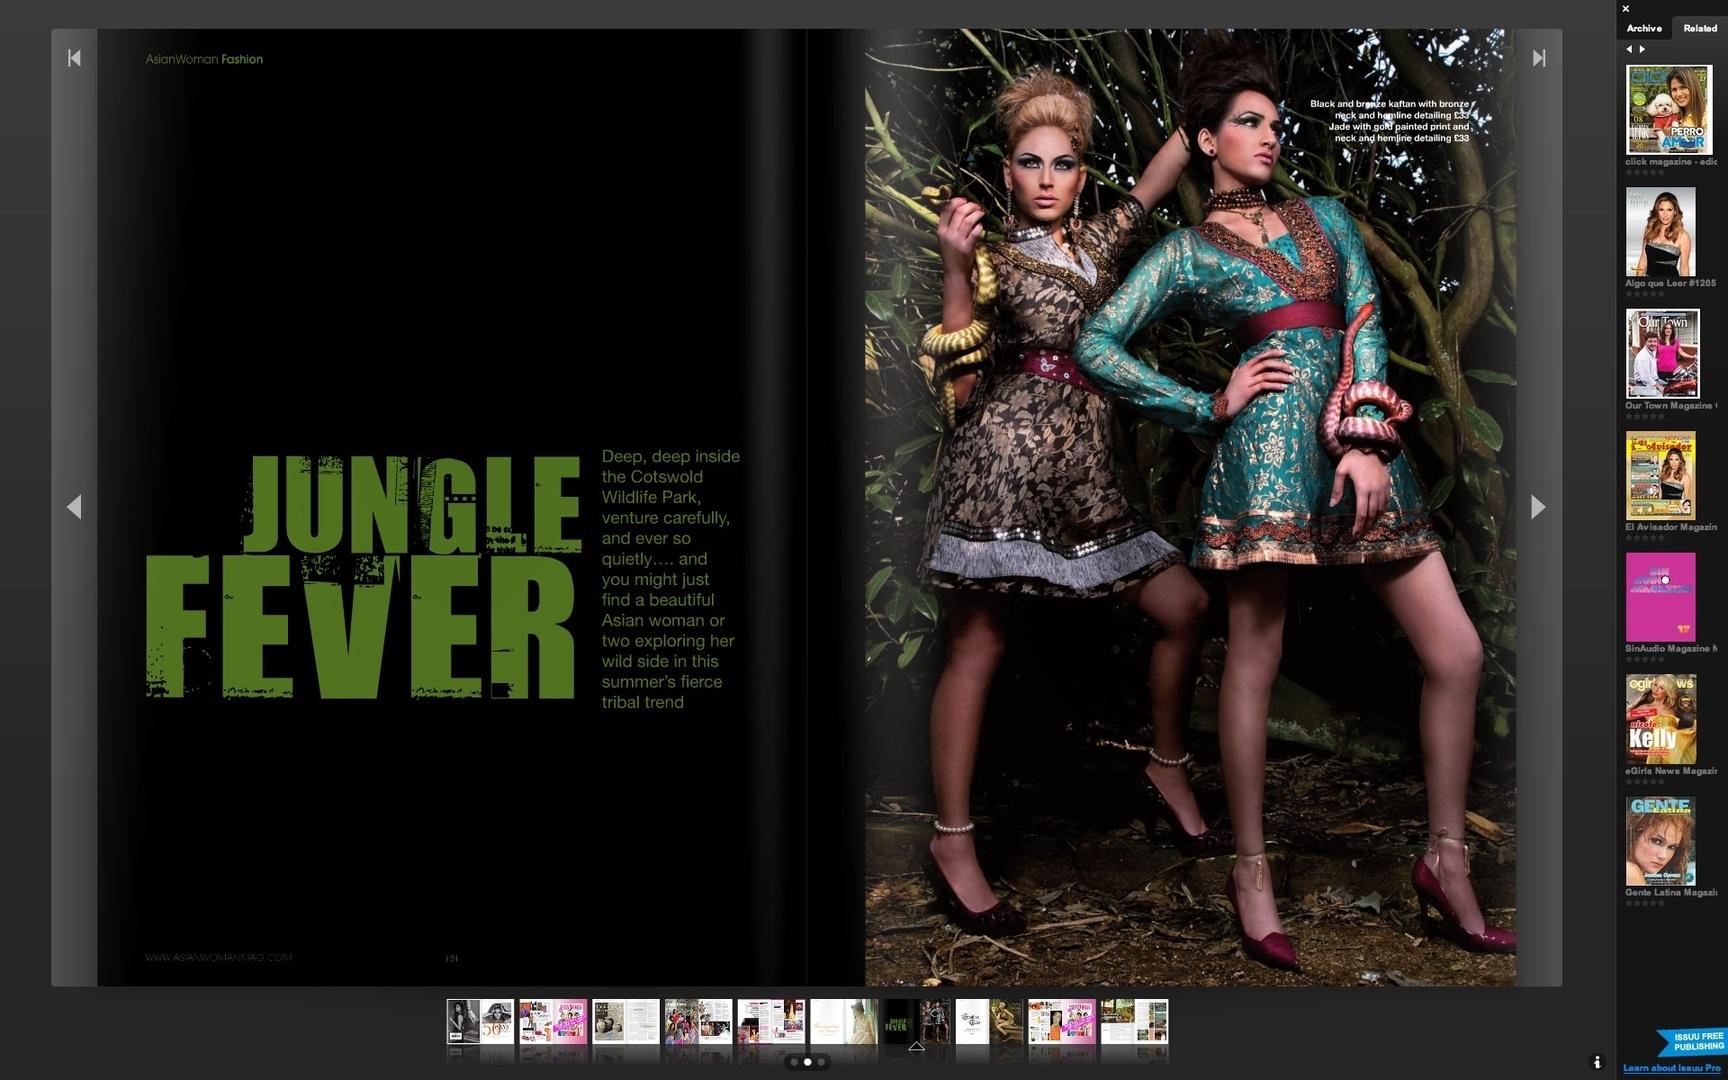 asian woman website screenshots 11.jpeg